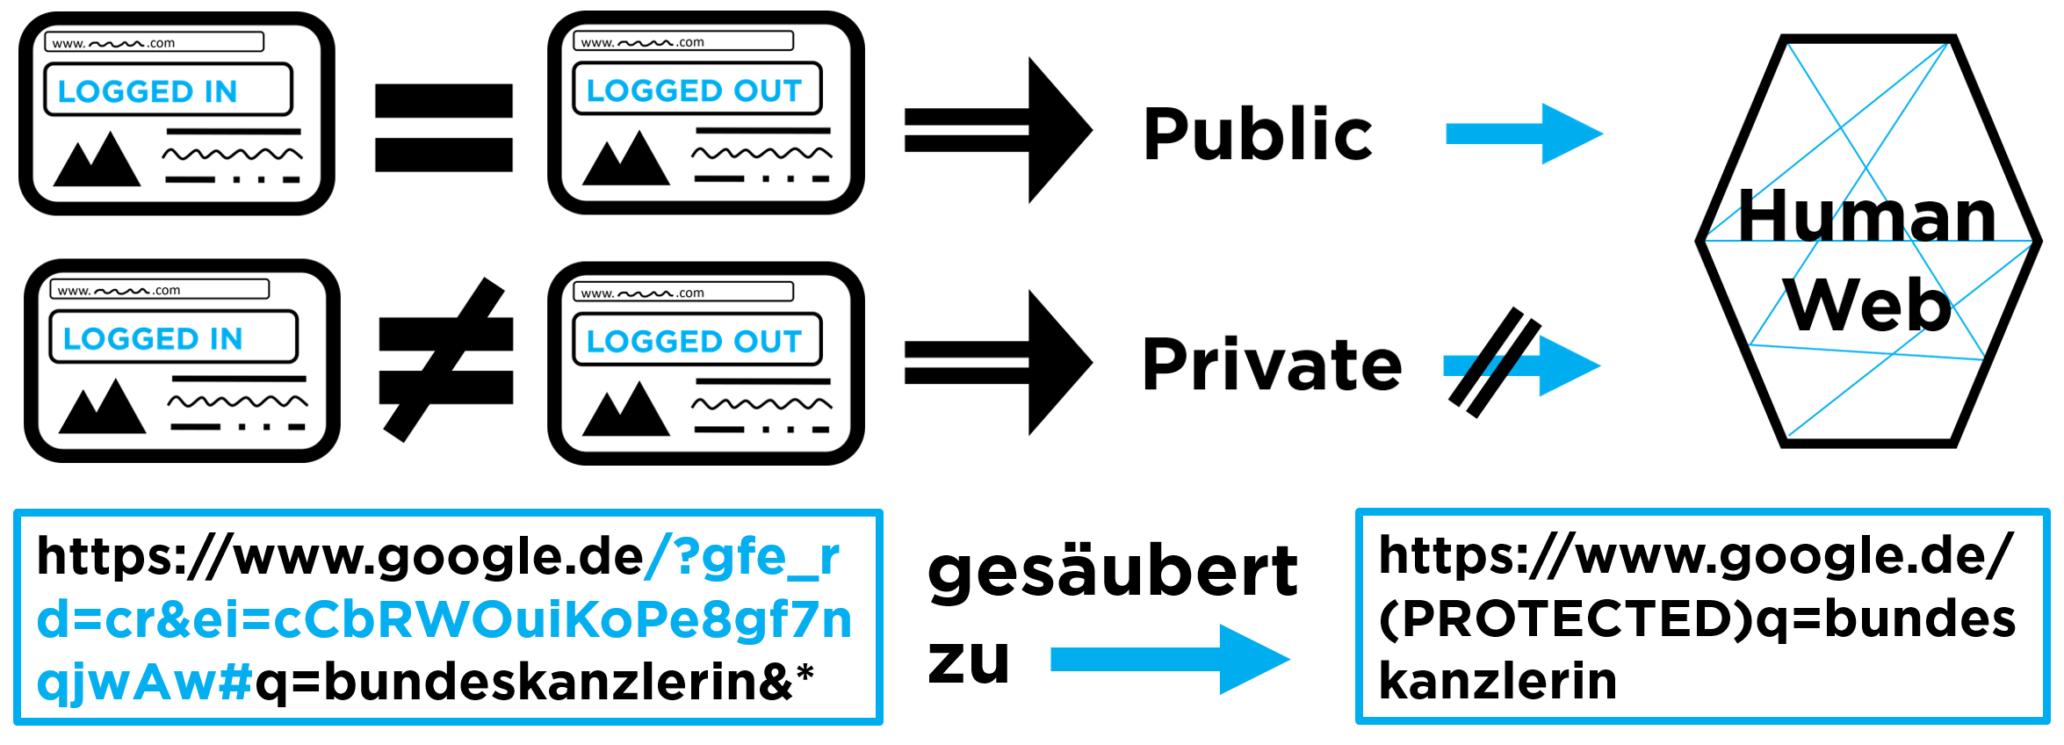 """Nur Daten von URLs, die ein- sowie ausgeloggt den gleichen Inhalt haben, werden als """"öffentlich"""" erkannt und an das Human Web gesendet. URL-Teile, die persönliche Informationen enthalten könnten, werden vor der Übertragung entfernt."""